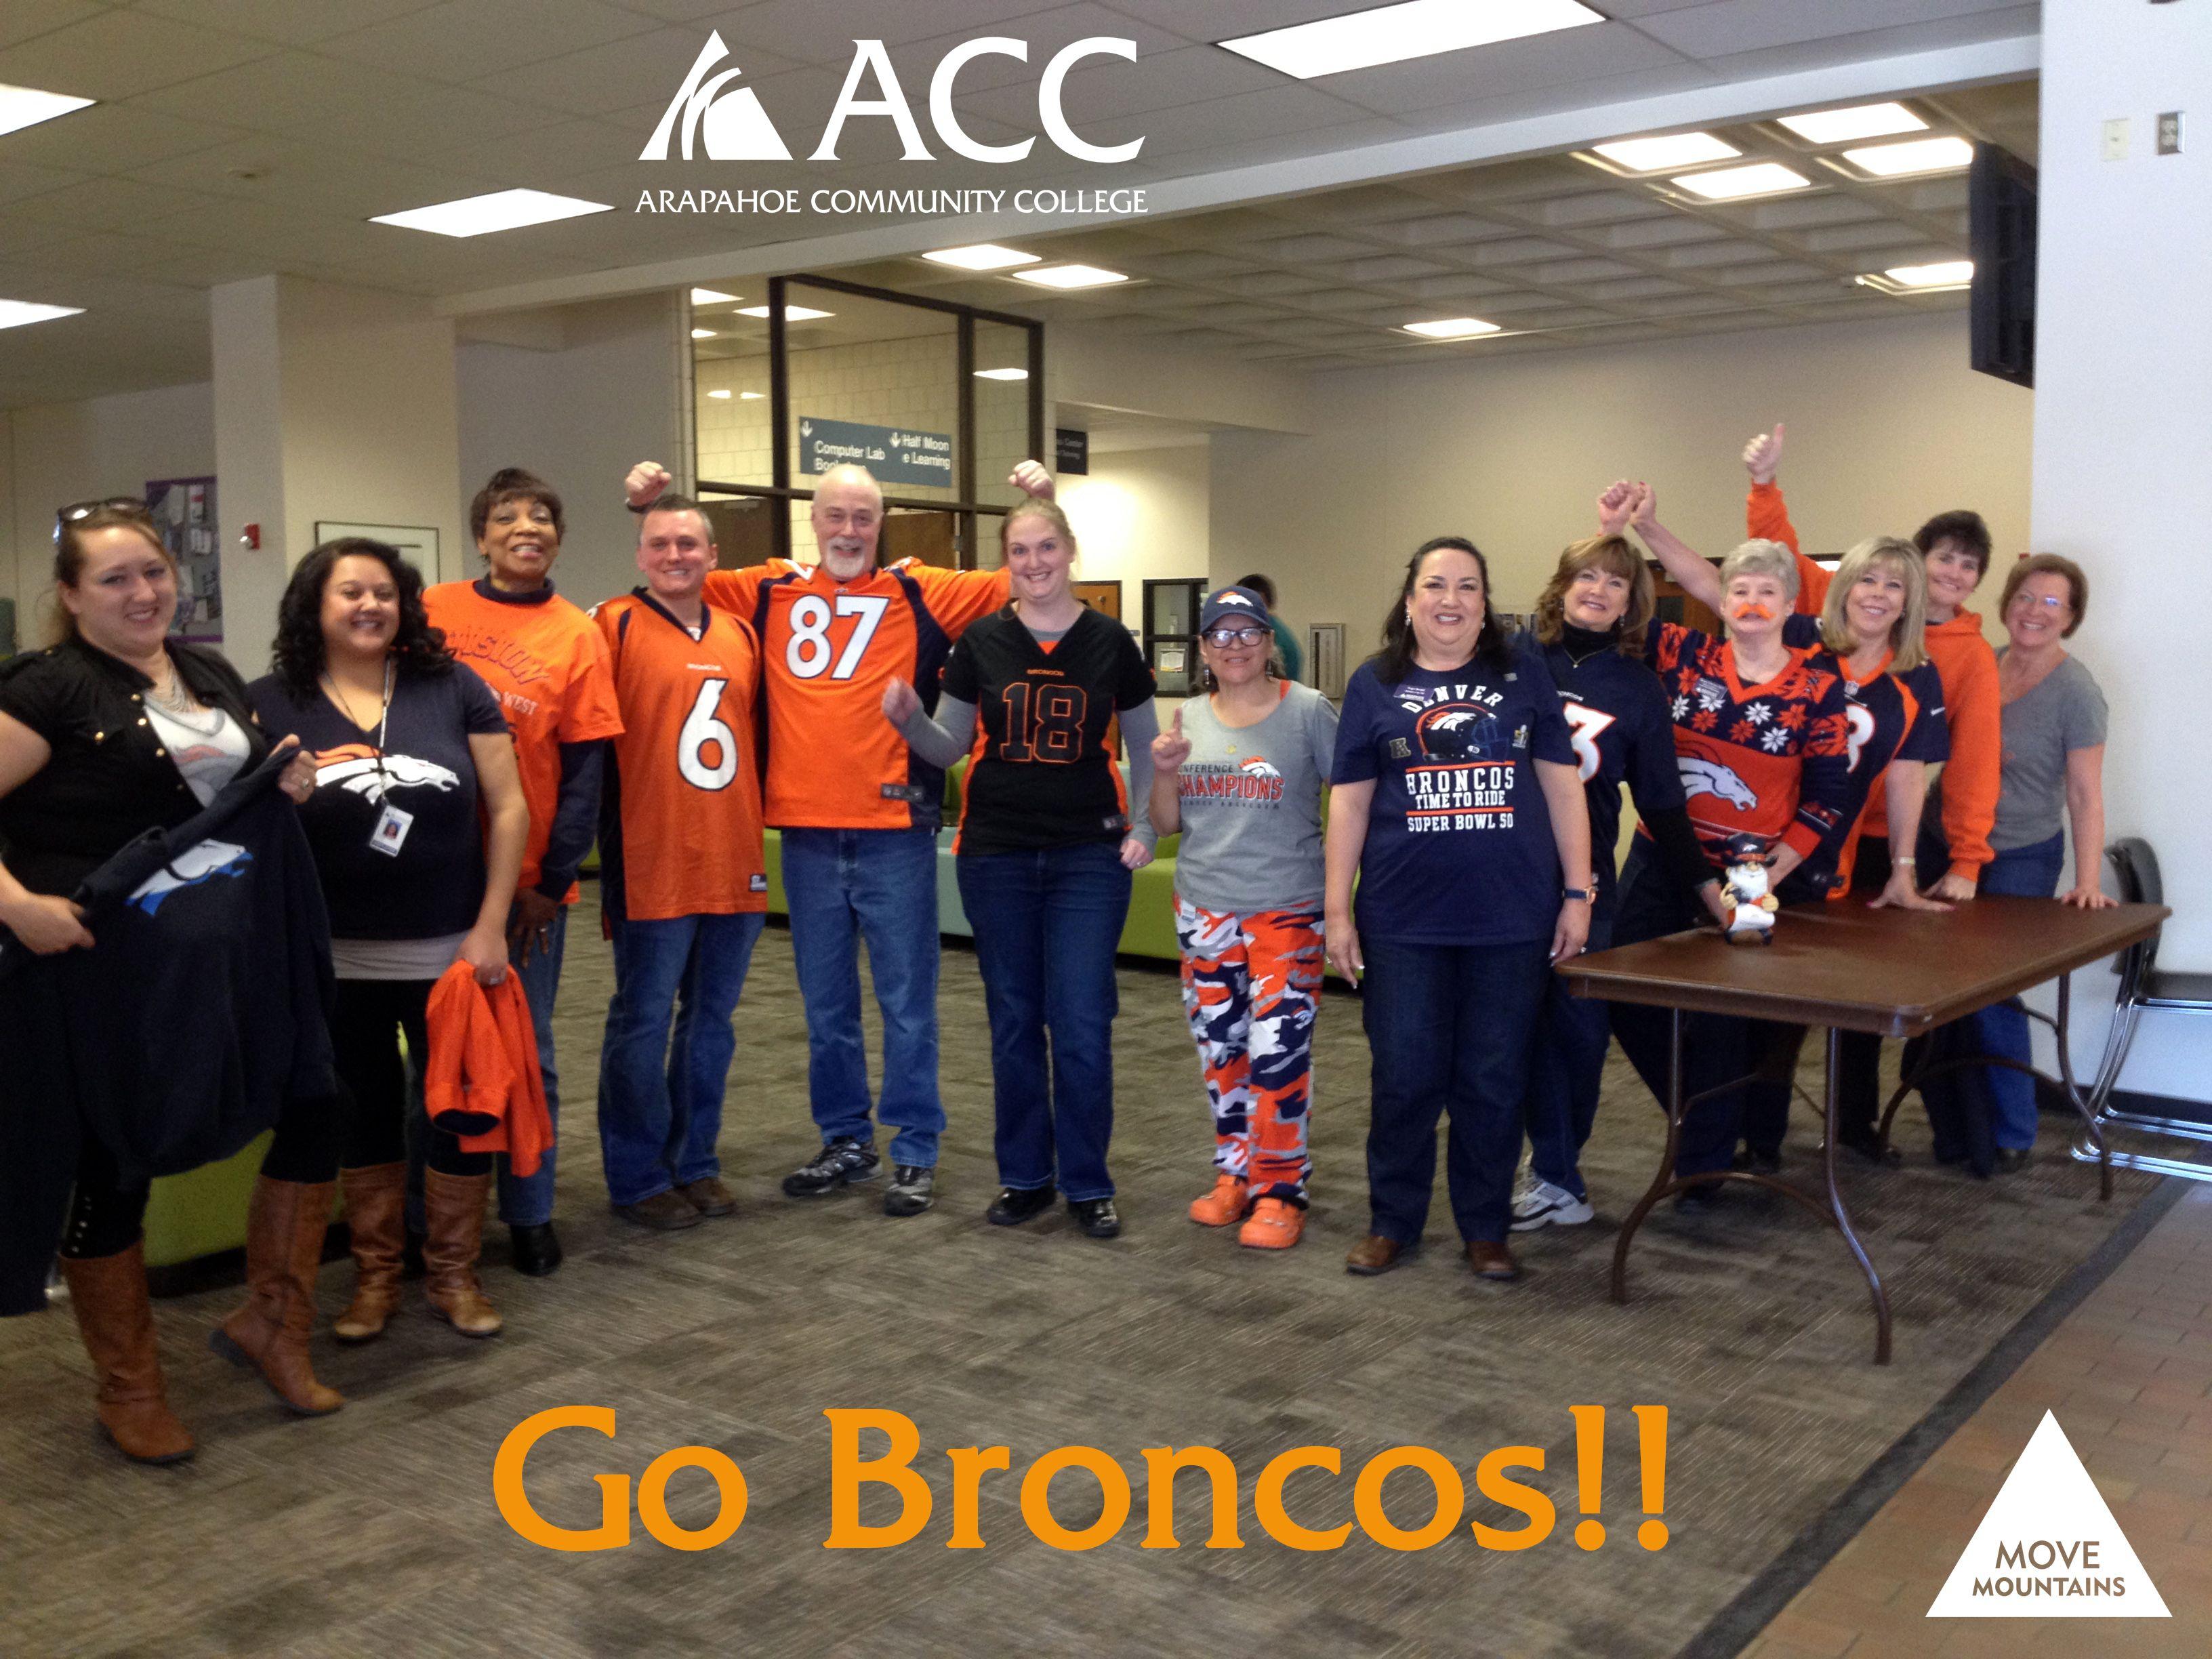 Broncos fans at ArapahoeCC (Feb. 5, 2016). Broncos fans